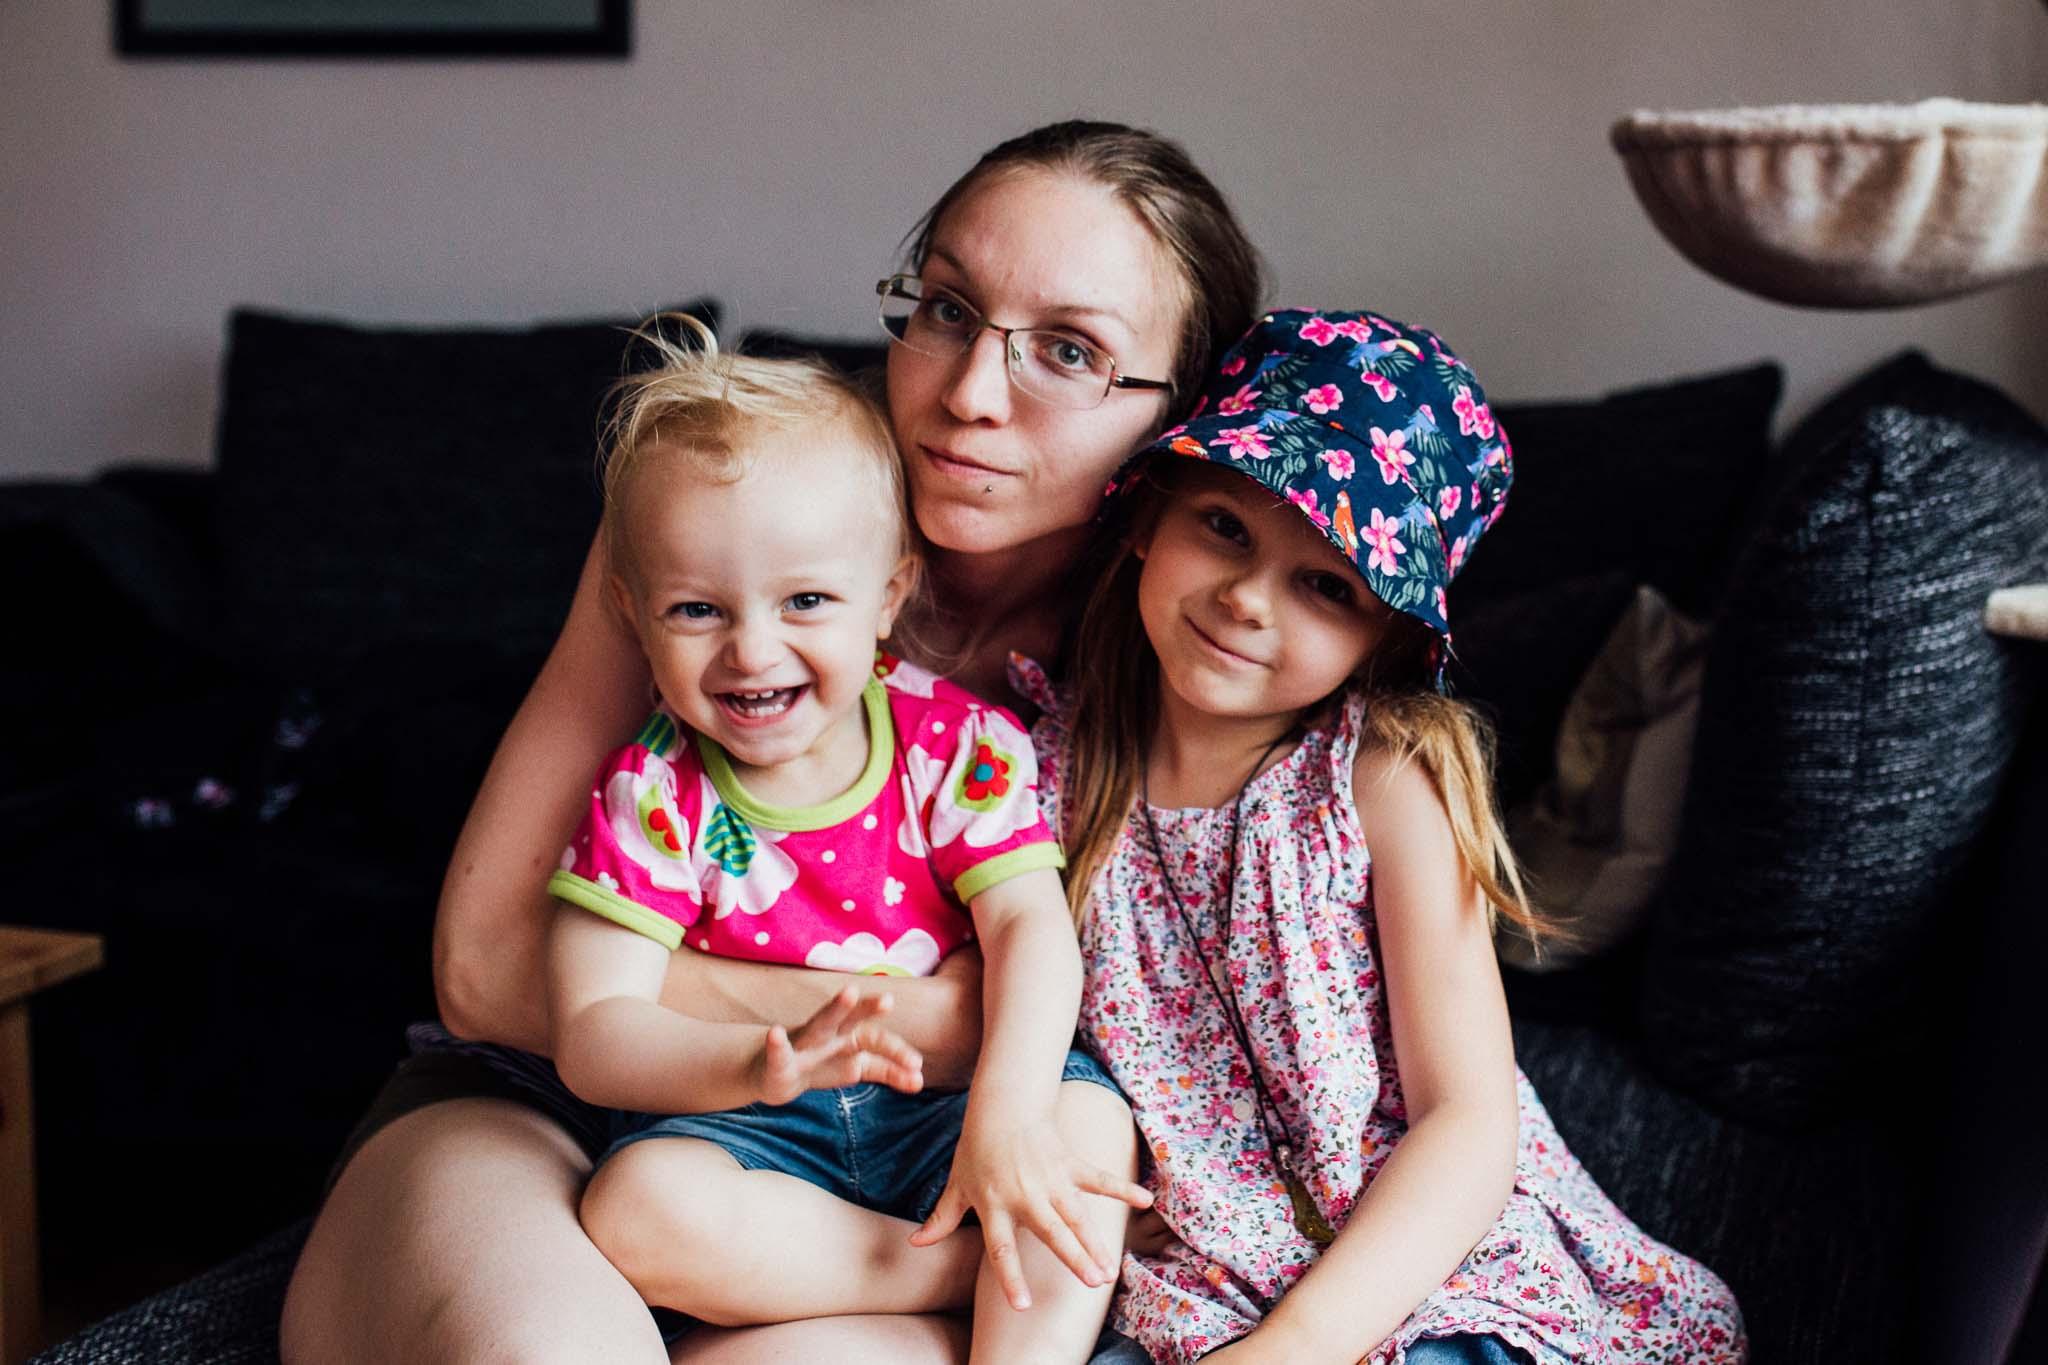 Fotografin Maren Scheffler aus Rutesheim mit ihren beiden Töchtern